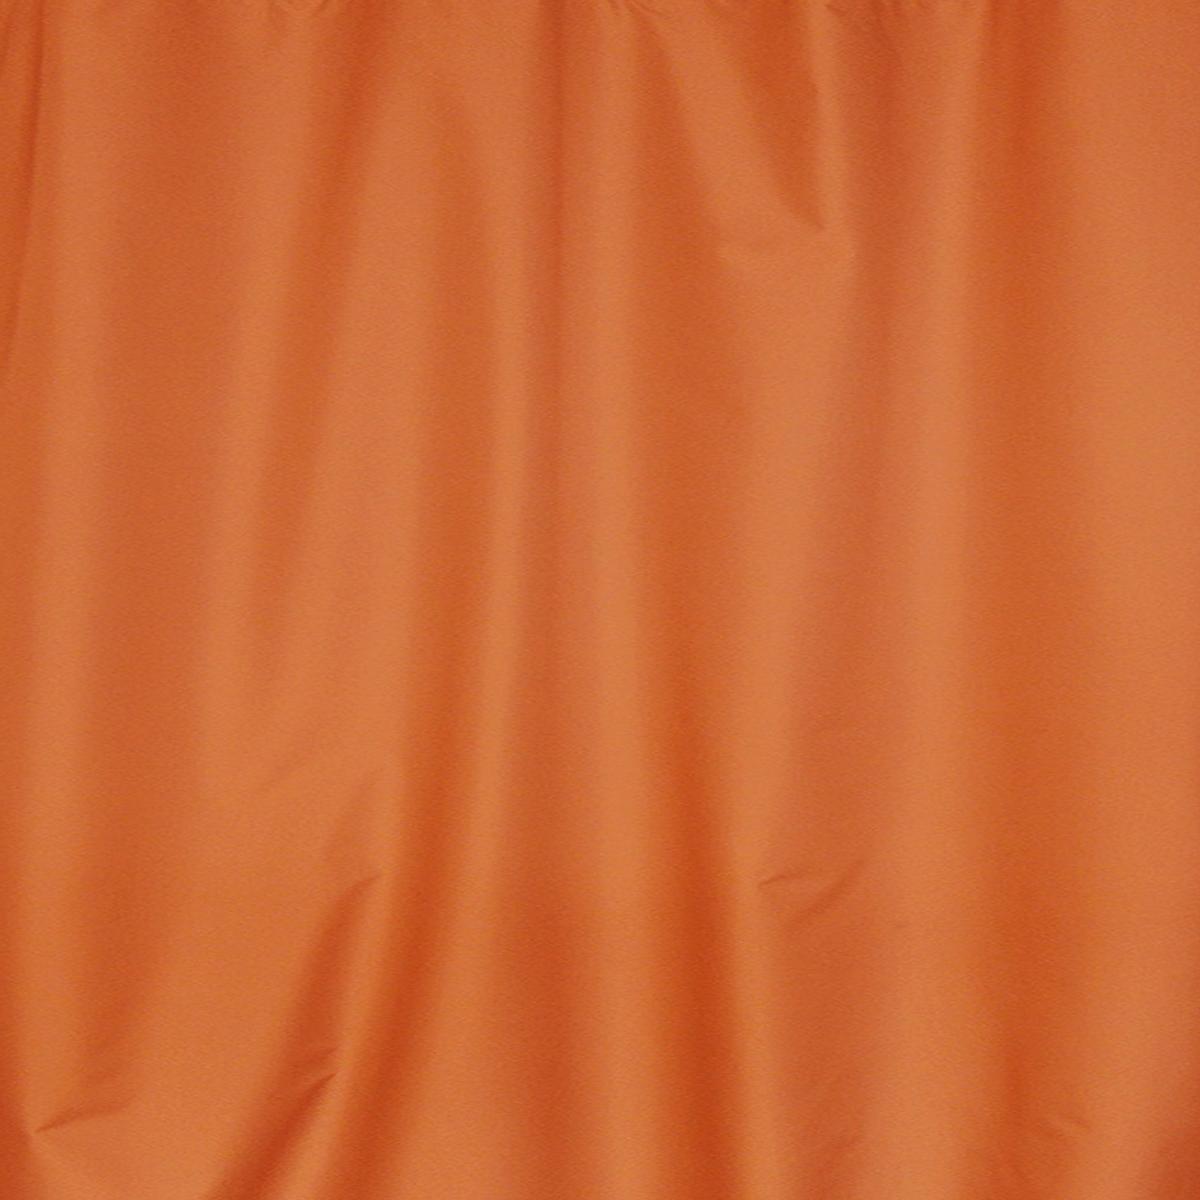 Toile d'ameublement outdoor - Orange - 1.5 m